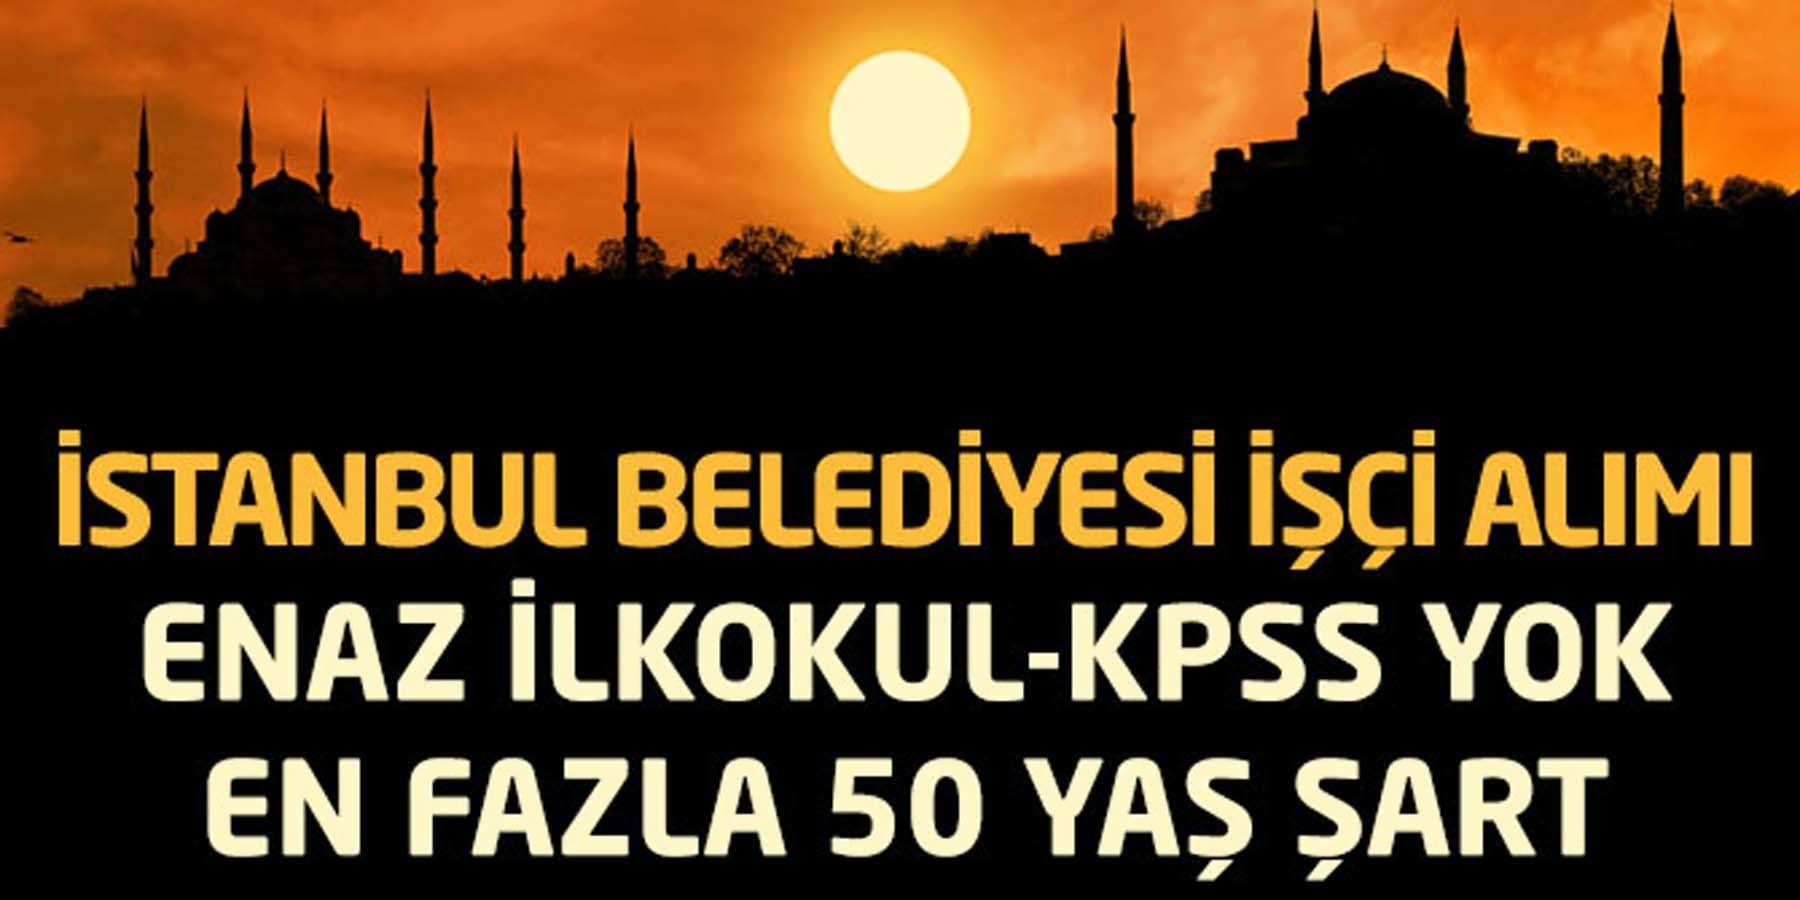 İstanbul Belediyesi Beden İşçisi Alımları